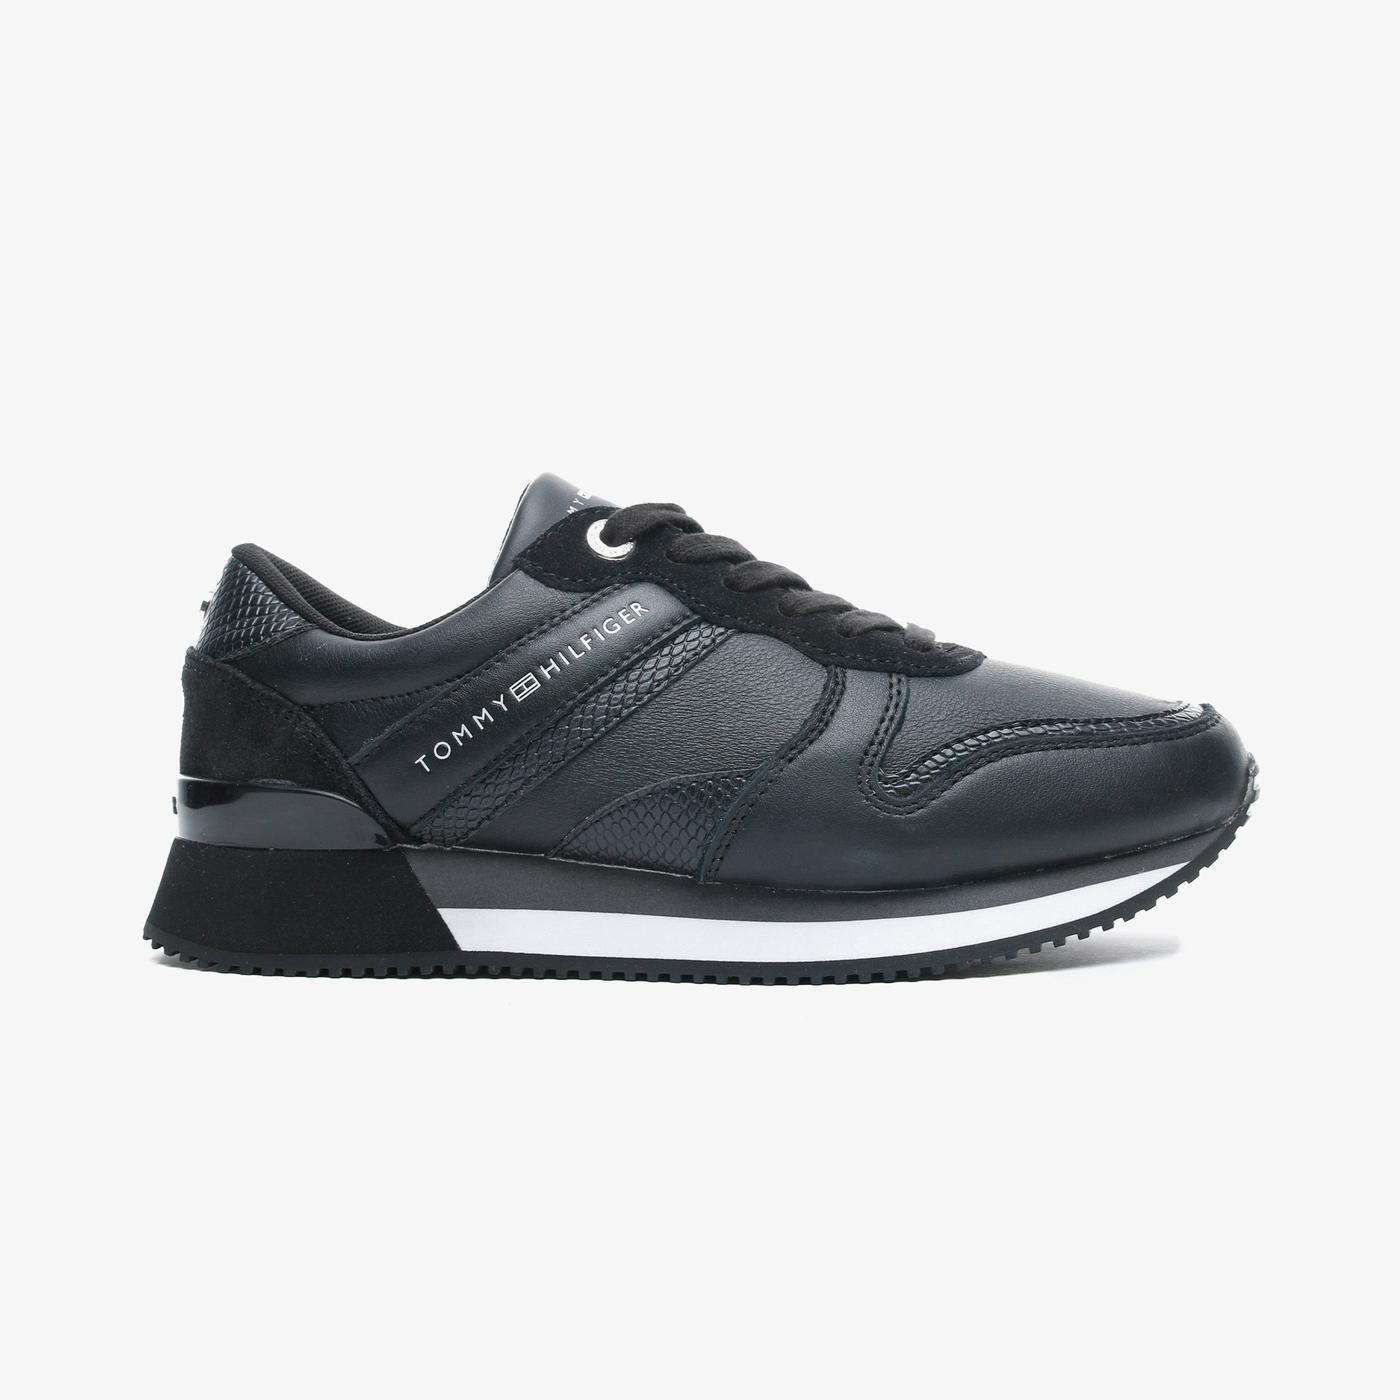 Tommy Hilfiger Corporate Feminine City Kadın Siyah Spor Ayakkabı